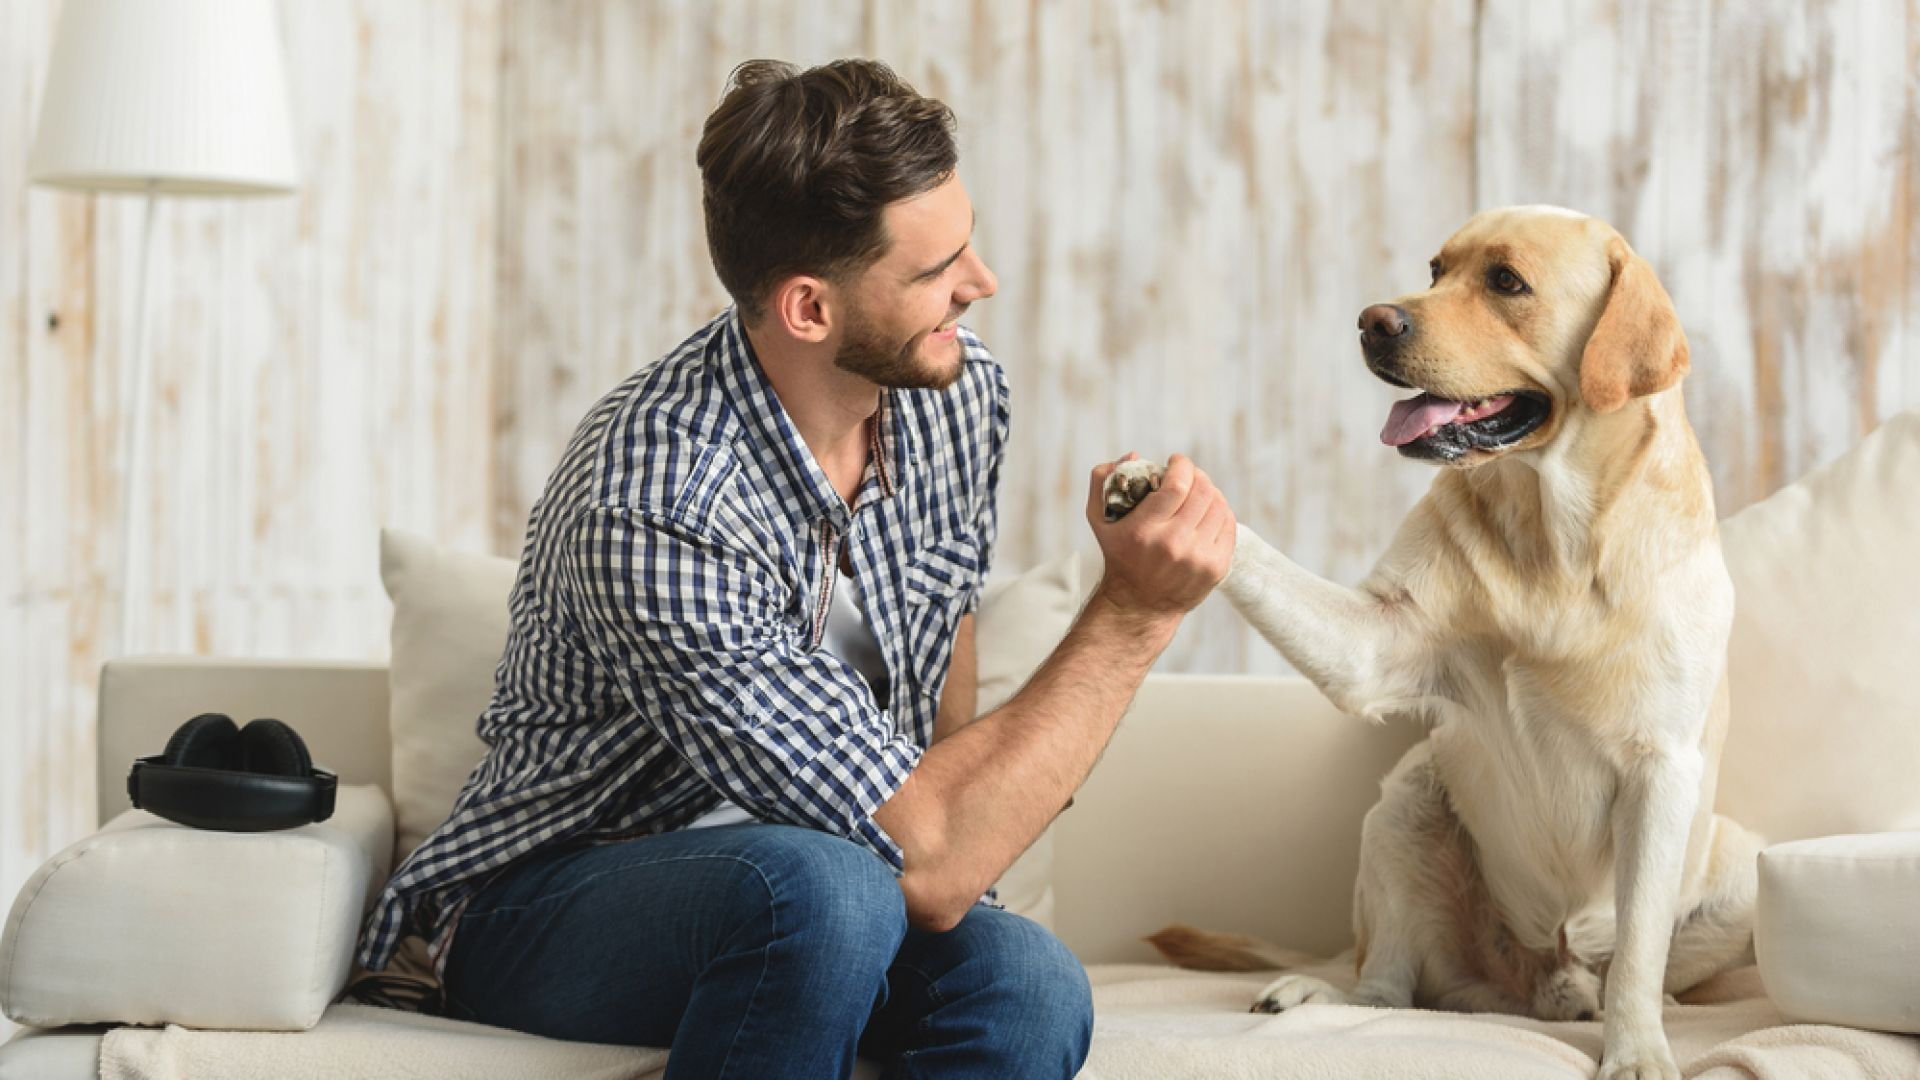 Стопаните на кучета целуват по-често любимците си, отколкото партньорите си